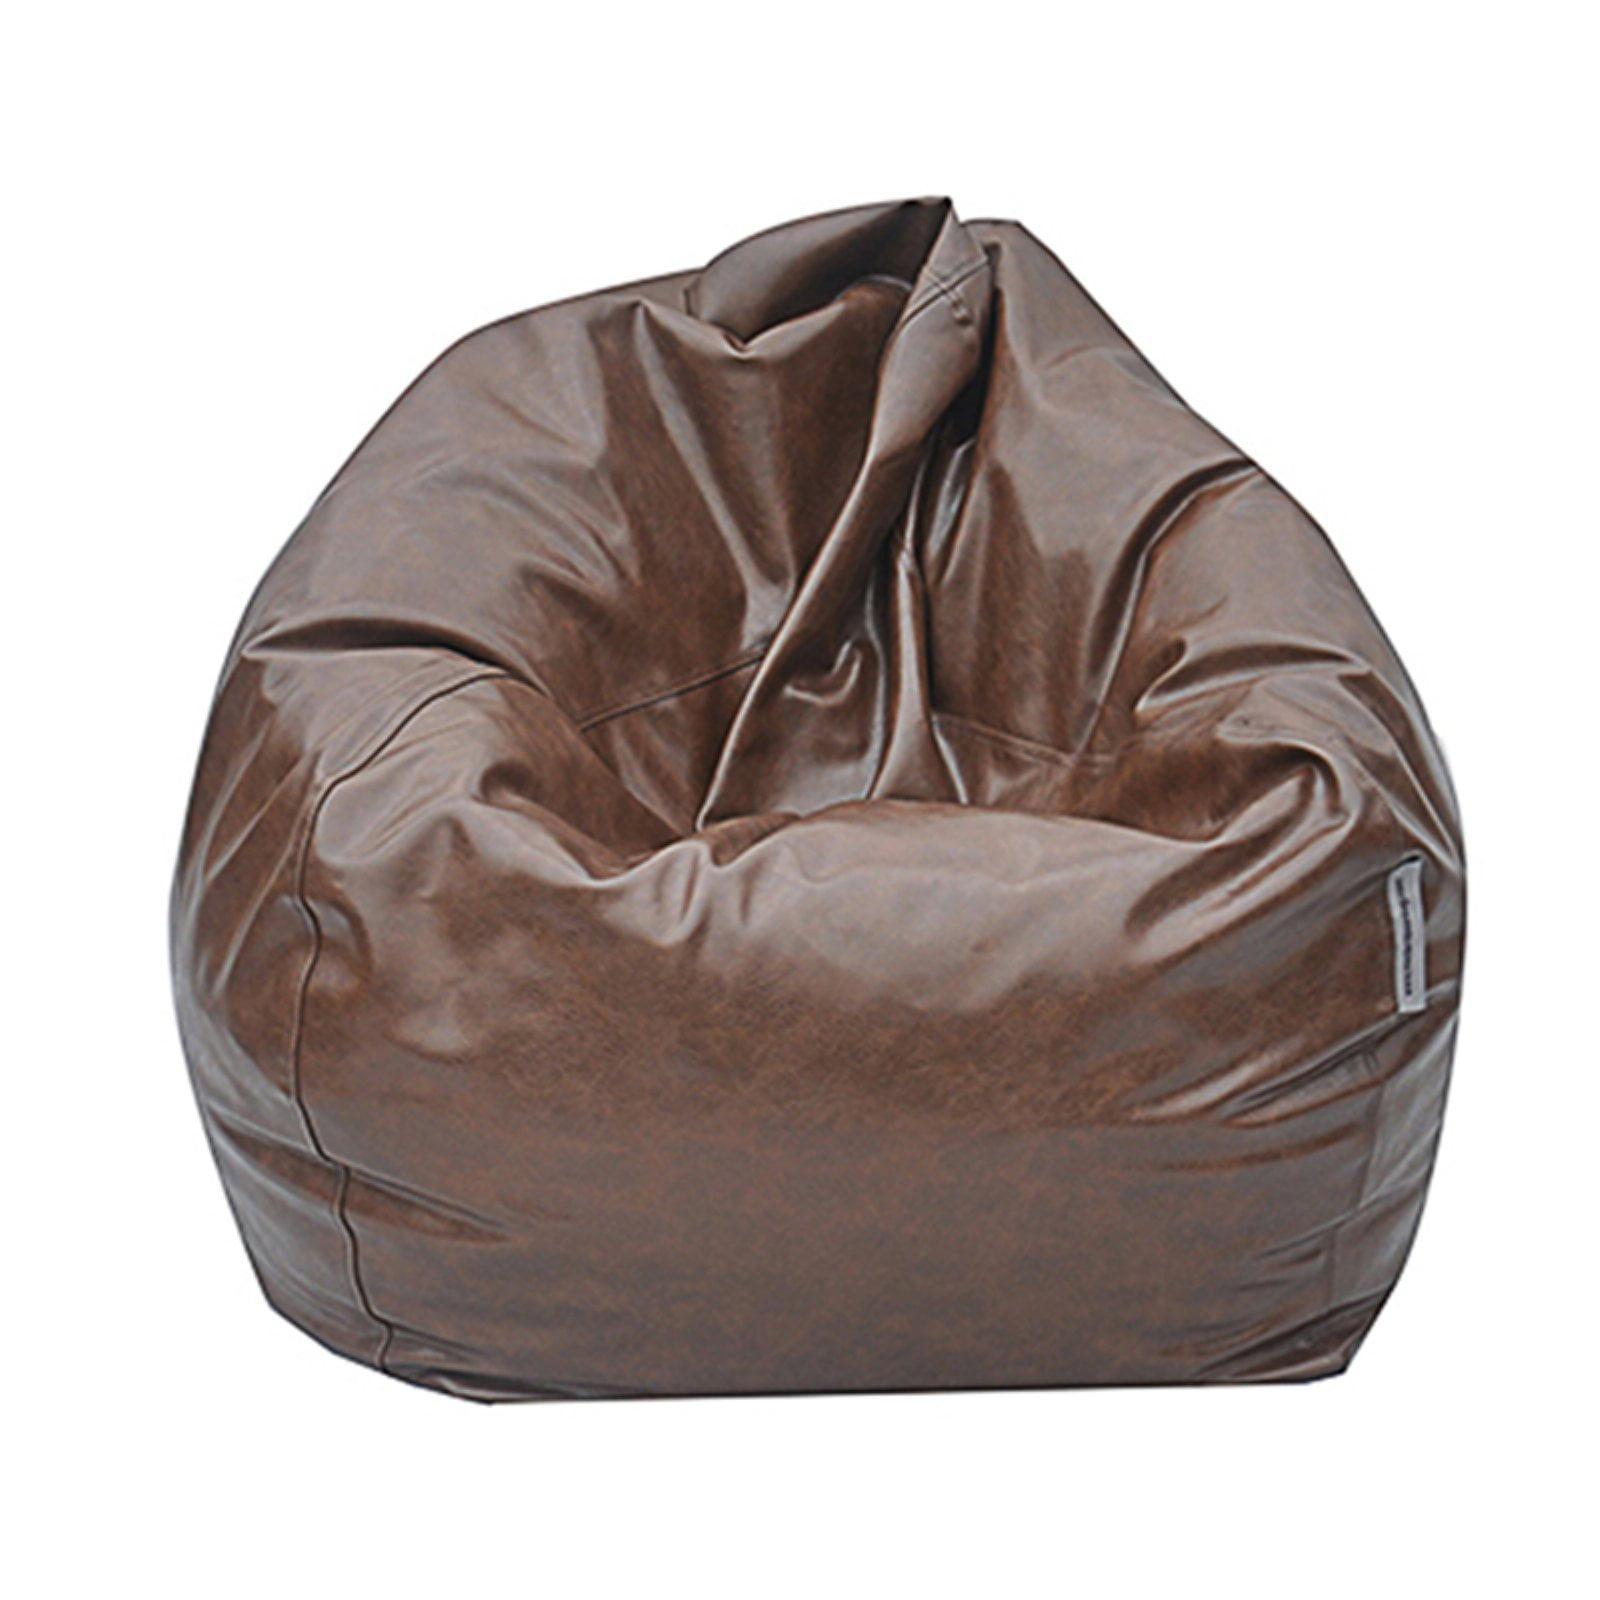 Modern Bean Bag The Big Pear Medium Bean Bag Chair